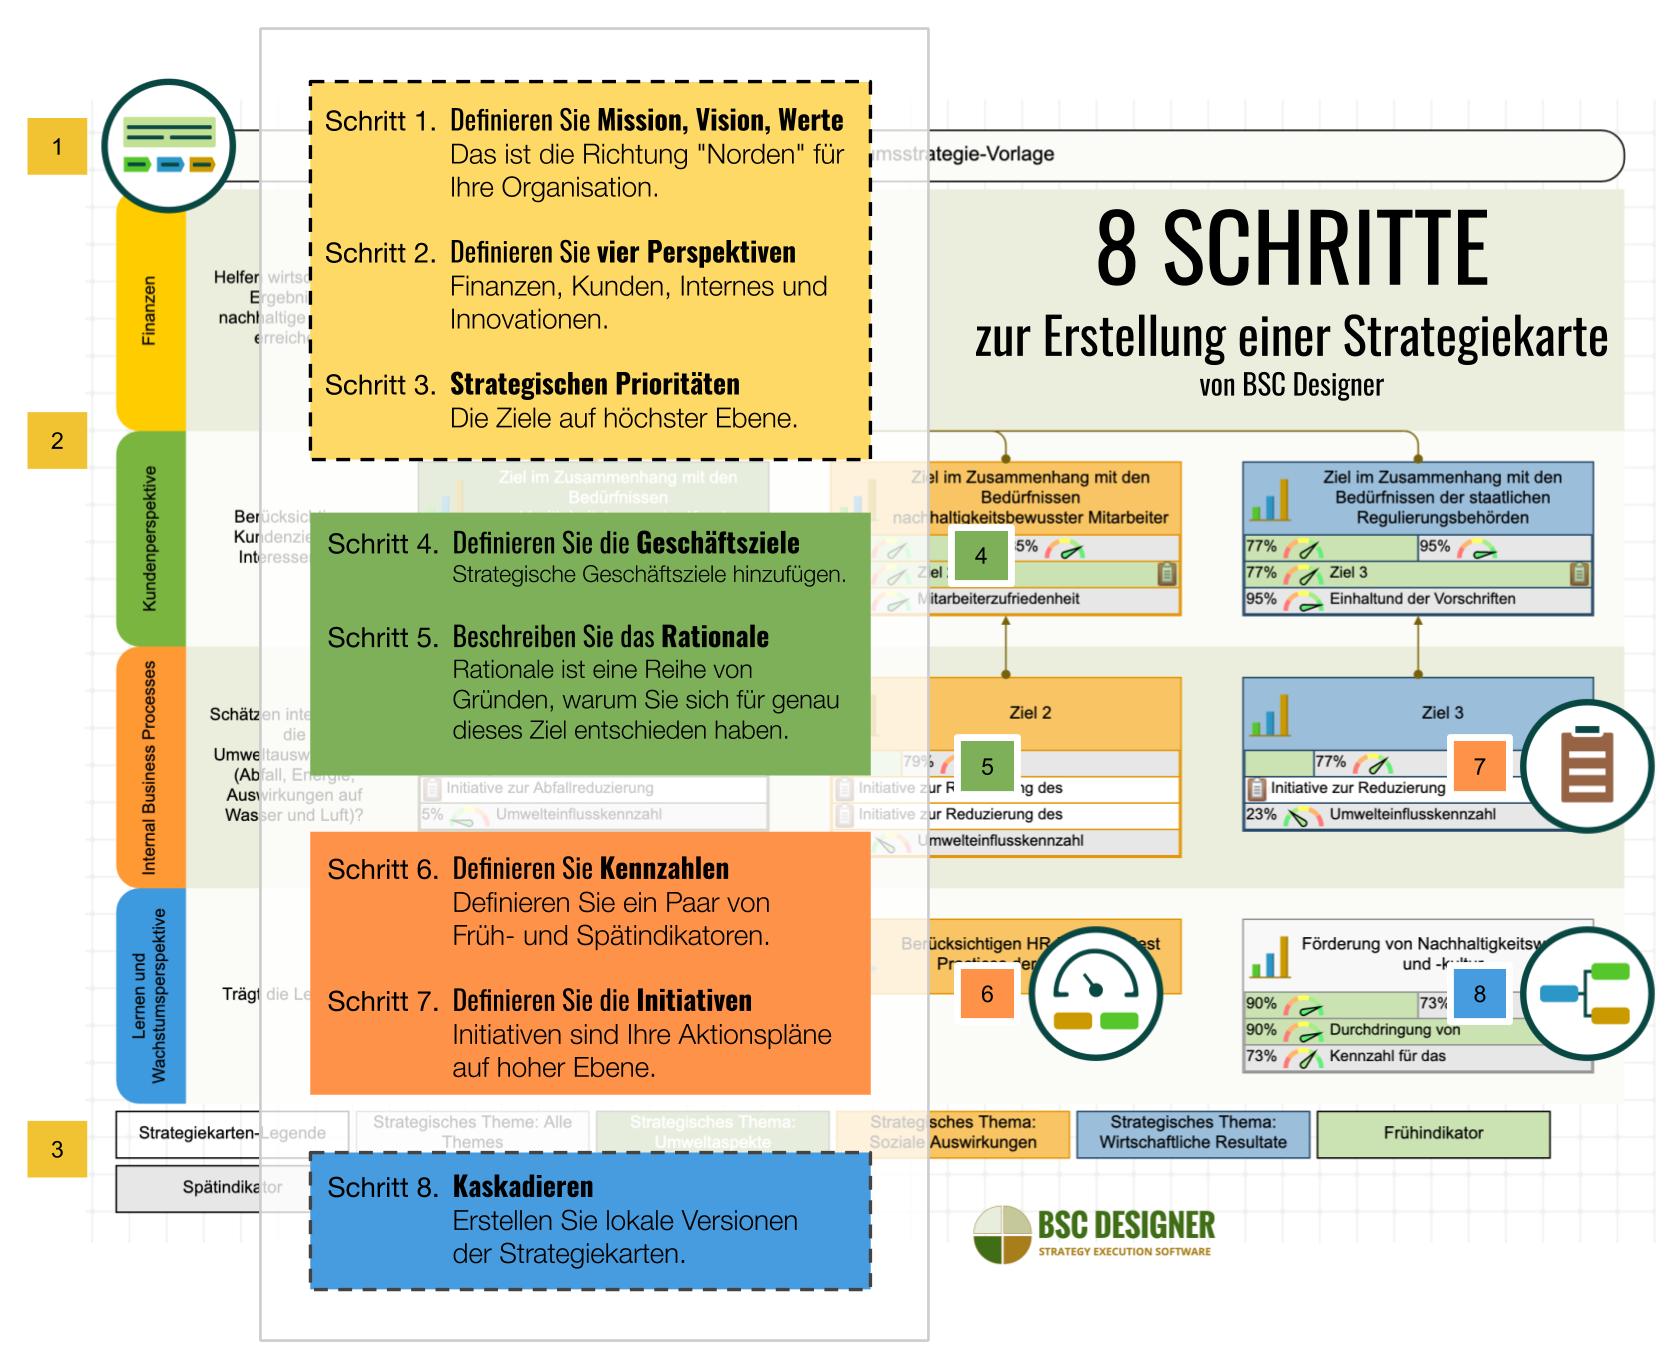 8 SCHRITTE, um mit BSC Designer eine Strategiekarte zu erstellen